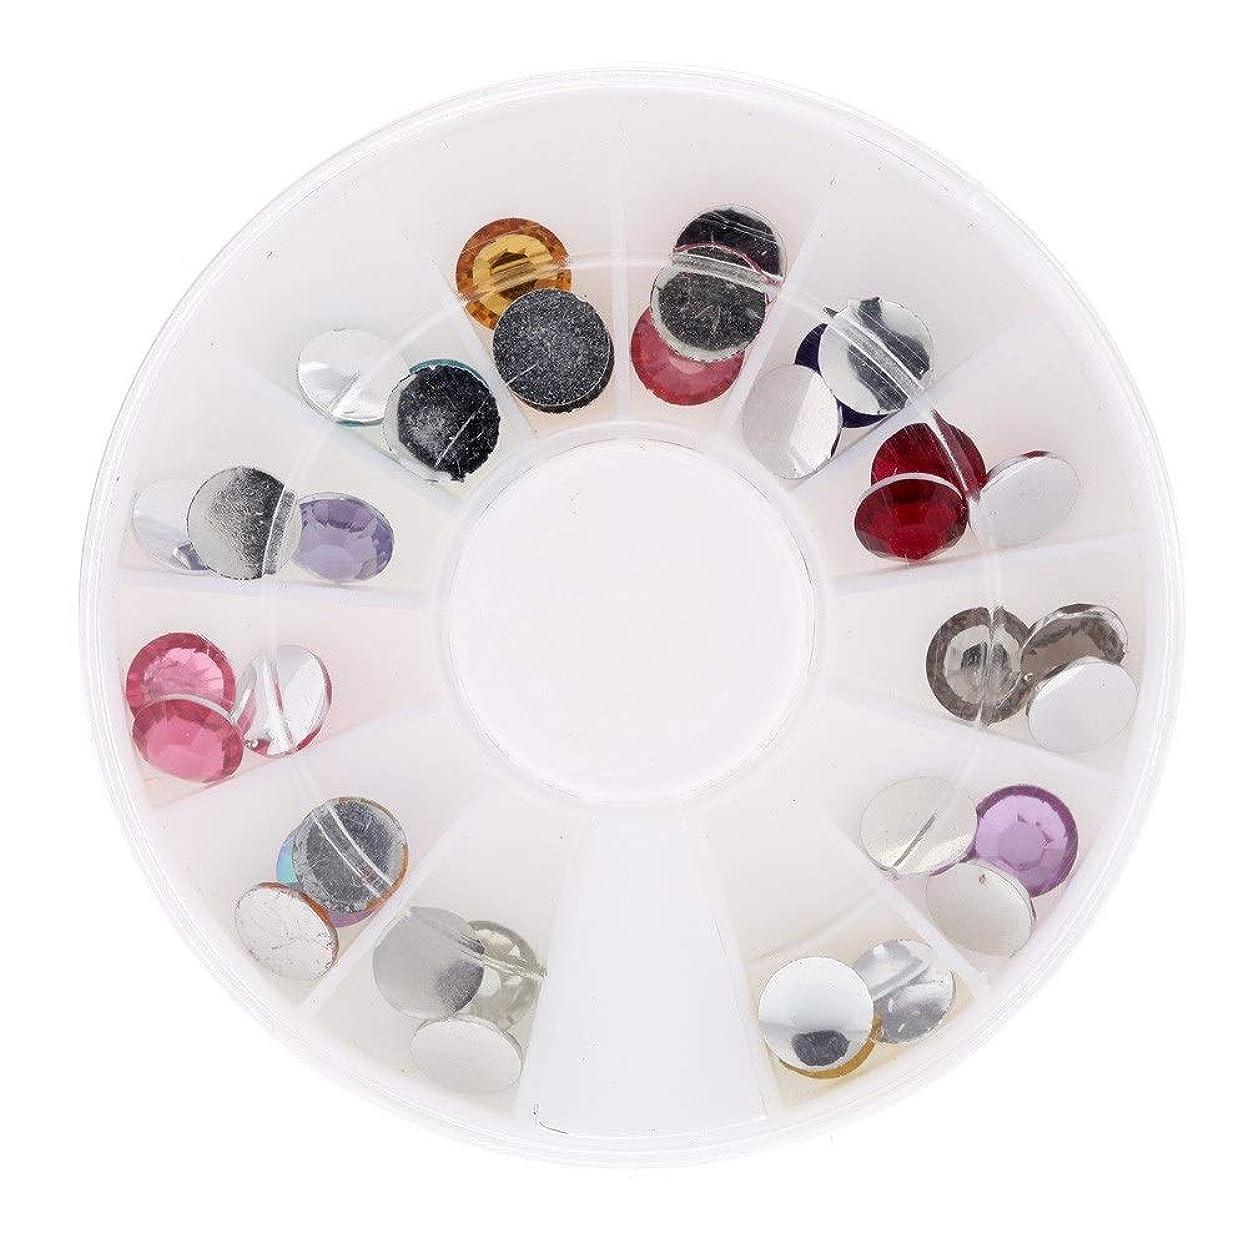 足金額解釈的ネイルパーツ デコパーツ ネイル用ストーン ガラス 製 大容量 DIY ネイルデザイン ミックスパーツ カラフルな宝石 3d キラキラ ハンドメイド材料